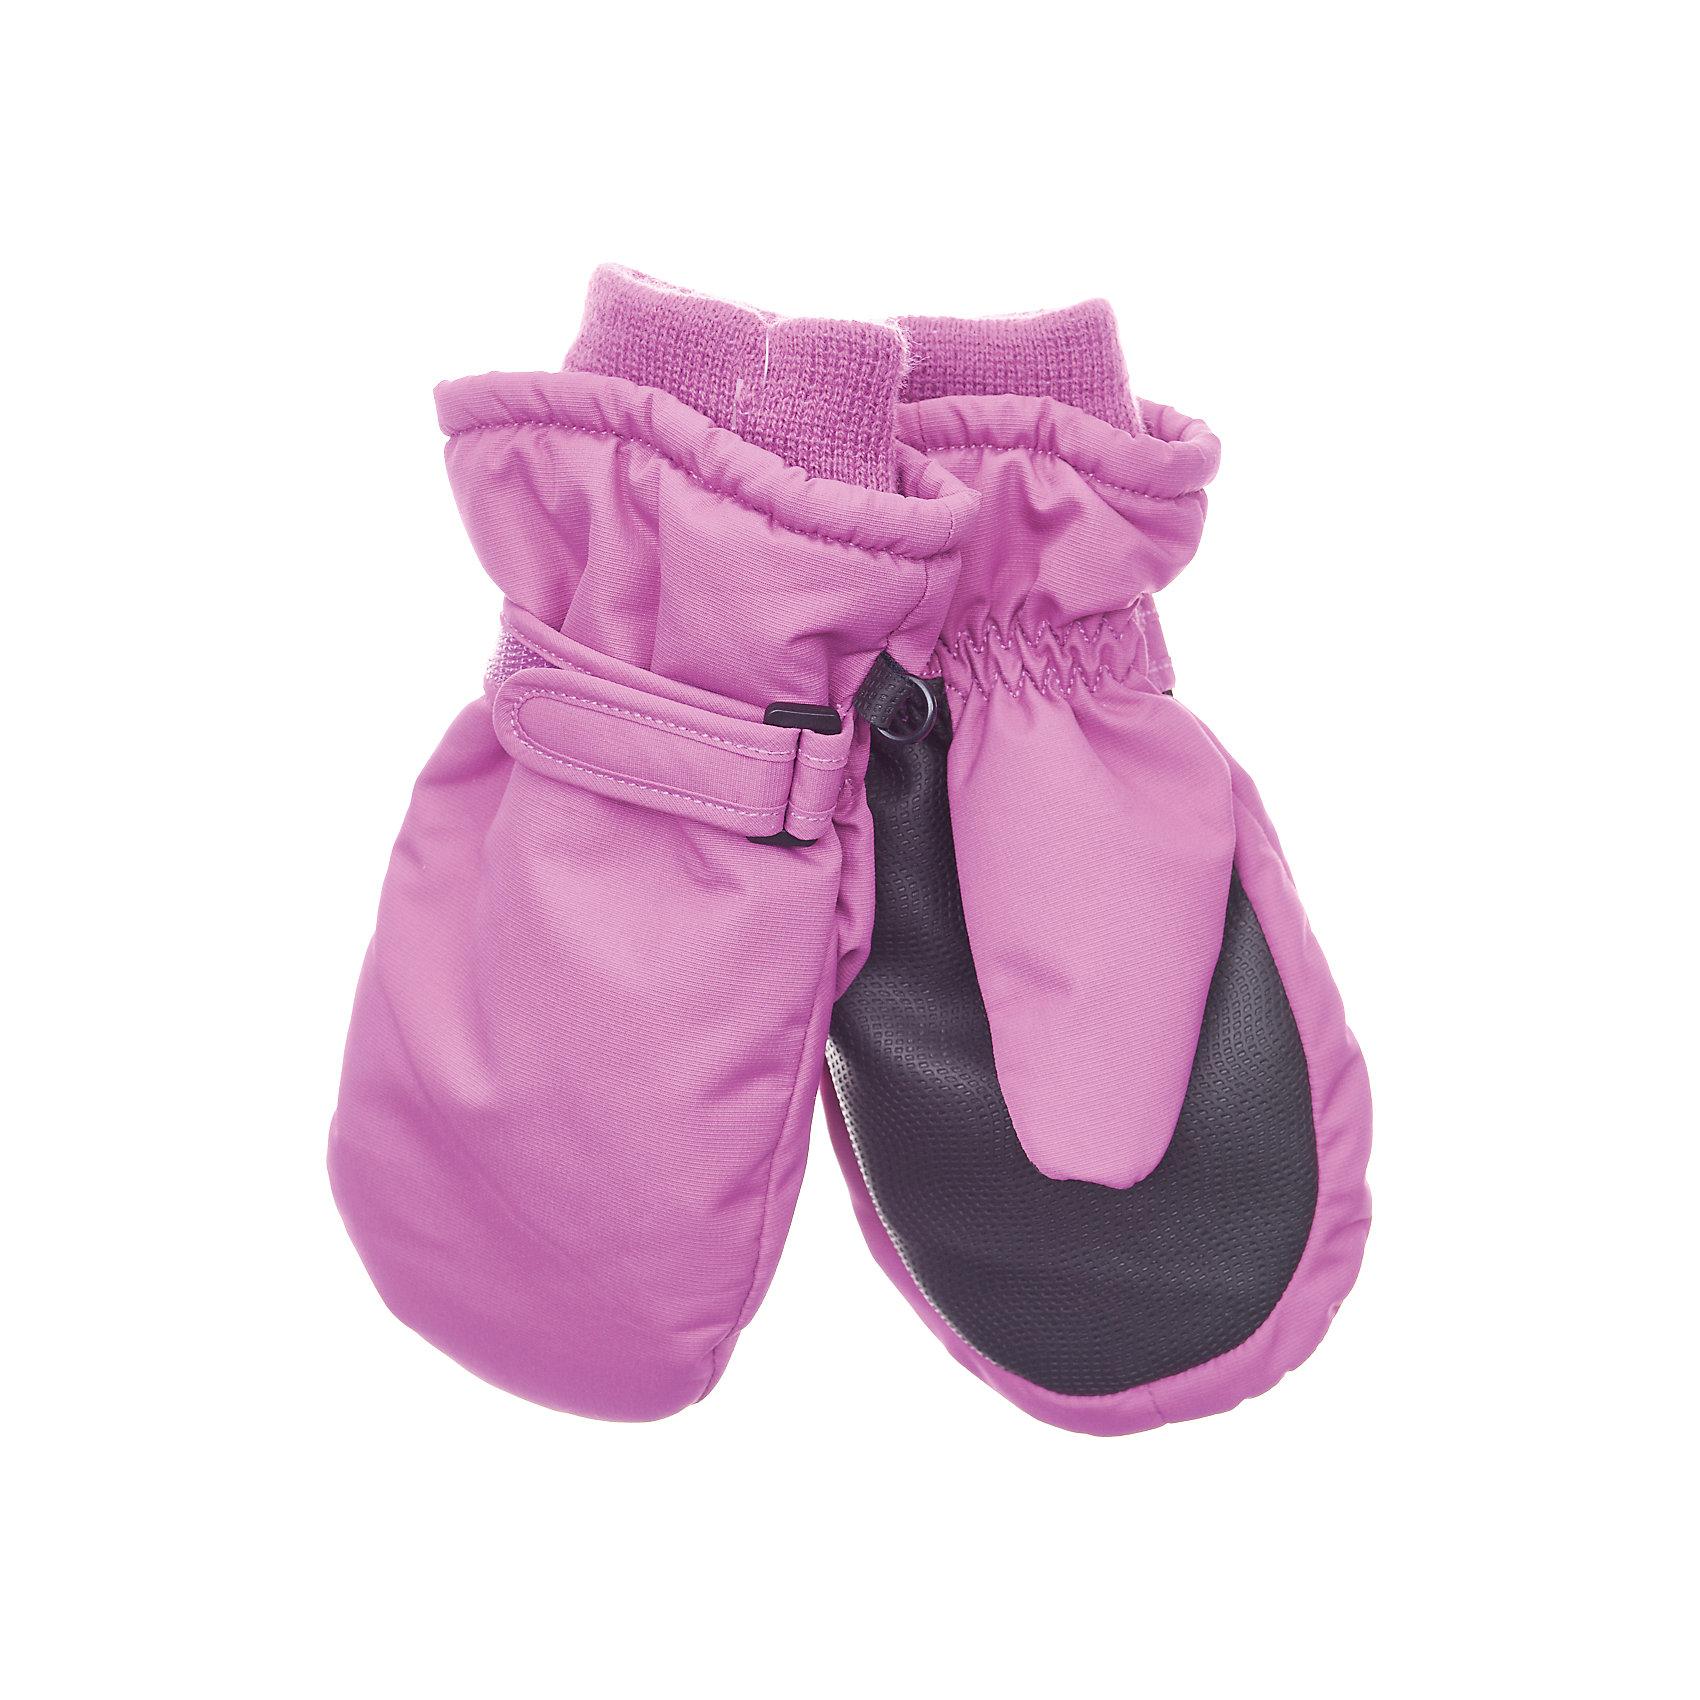 Варежки BUTTON BLUEПерчатки, варежки<br>Варежки BUTTON BLUE <br>Подбирая зимний функциональный гардероб для ребенка, не забудьте купить варежки из плащевки, ведь они - незаменимая вещь для прогулок в морозные дни! Непромокаемая плащевка, утяжка от продувания, протектор для прочности и износостойкости изделия позволят гулять в любую погоду, гарантируя тепло, уют и комфорт.<br>Состав:<br>тк. верха:                        100%полиэстер,                           подкл.:               100%полиэстер, утепл.:         100%полиэстер<br><br>Ширина мм: 162<br>Глубина мм: 171<br>Высота мм: 55<br>Вес г: 119<br>Цвет: розовый<br>Возраст от месяцев: 84<br>Возраст до месяцев: 96<br>Пол: Унисекс<br>Возраст: Детский<br>Размер: 18,12,14,16<br>SKU: 7039719